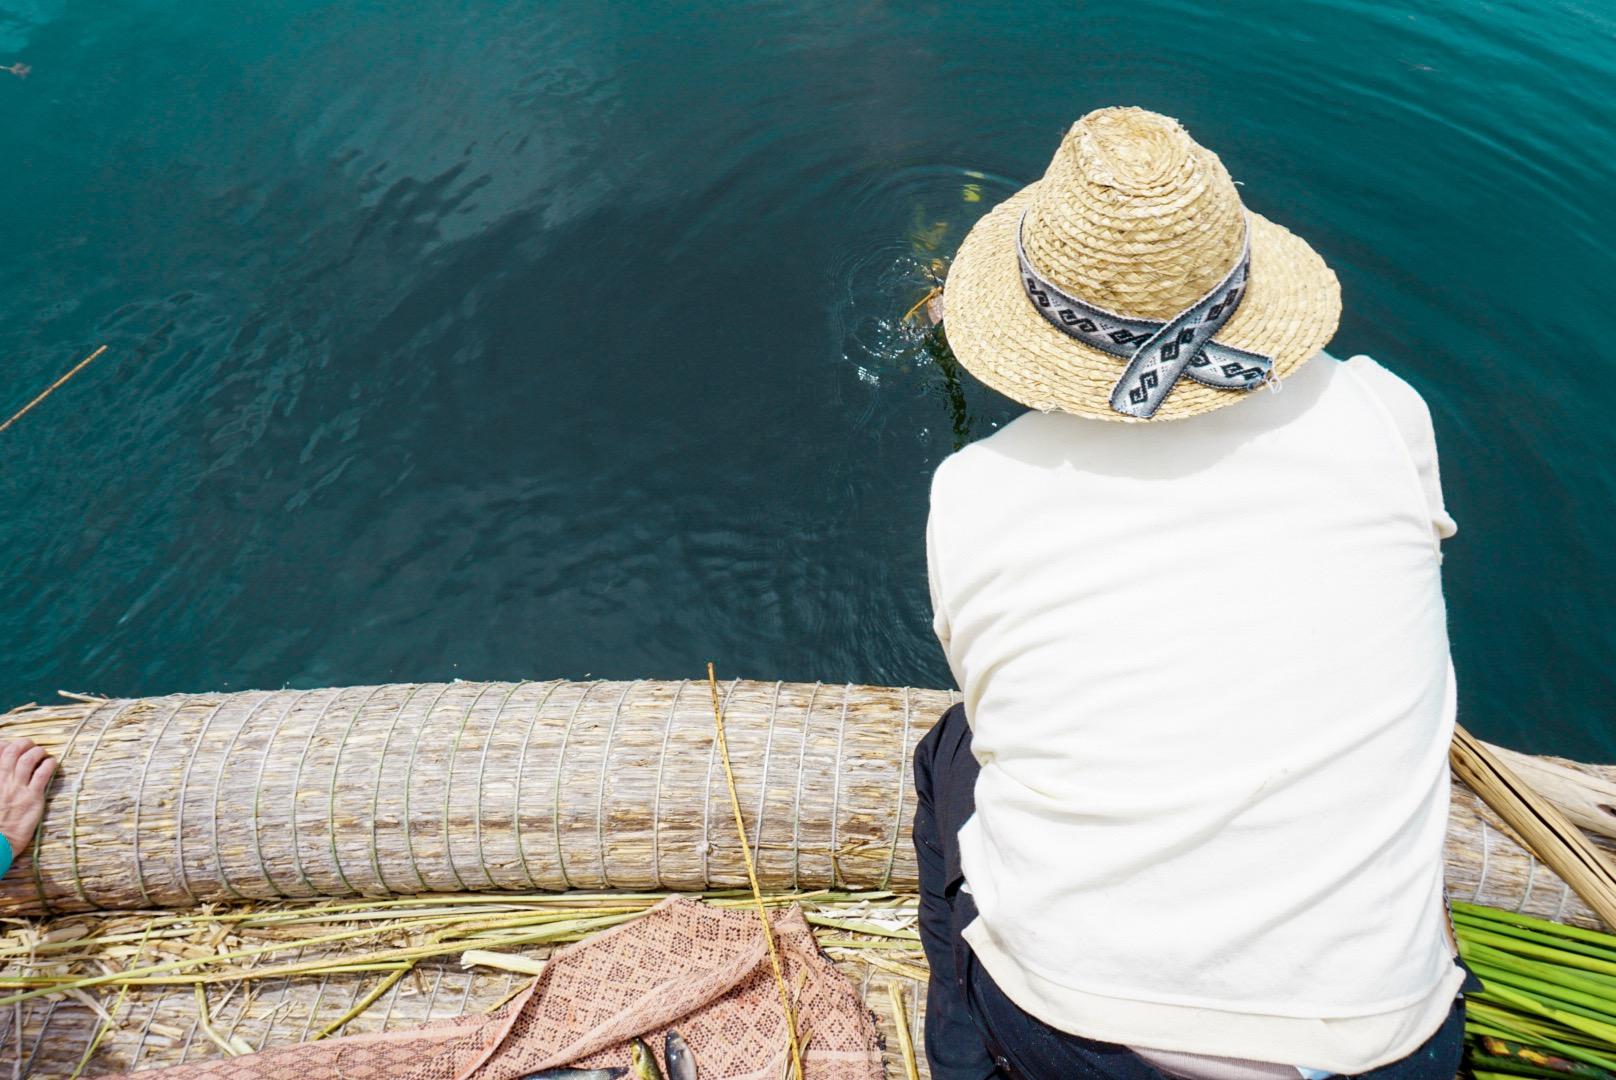 Edgar mentre pesca